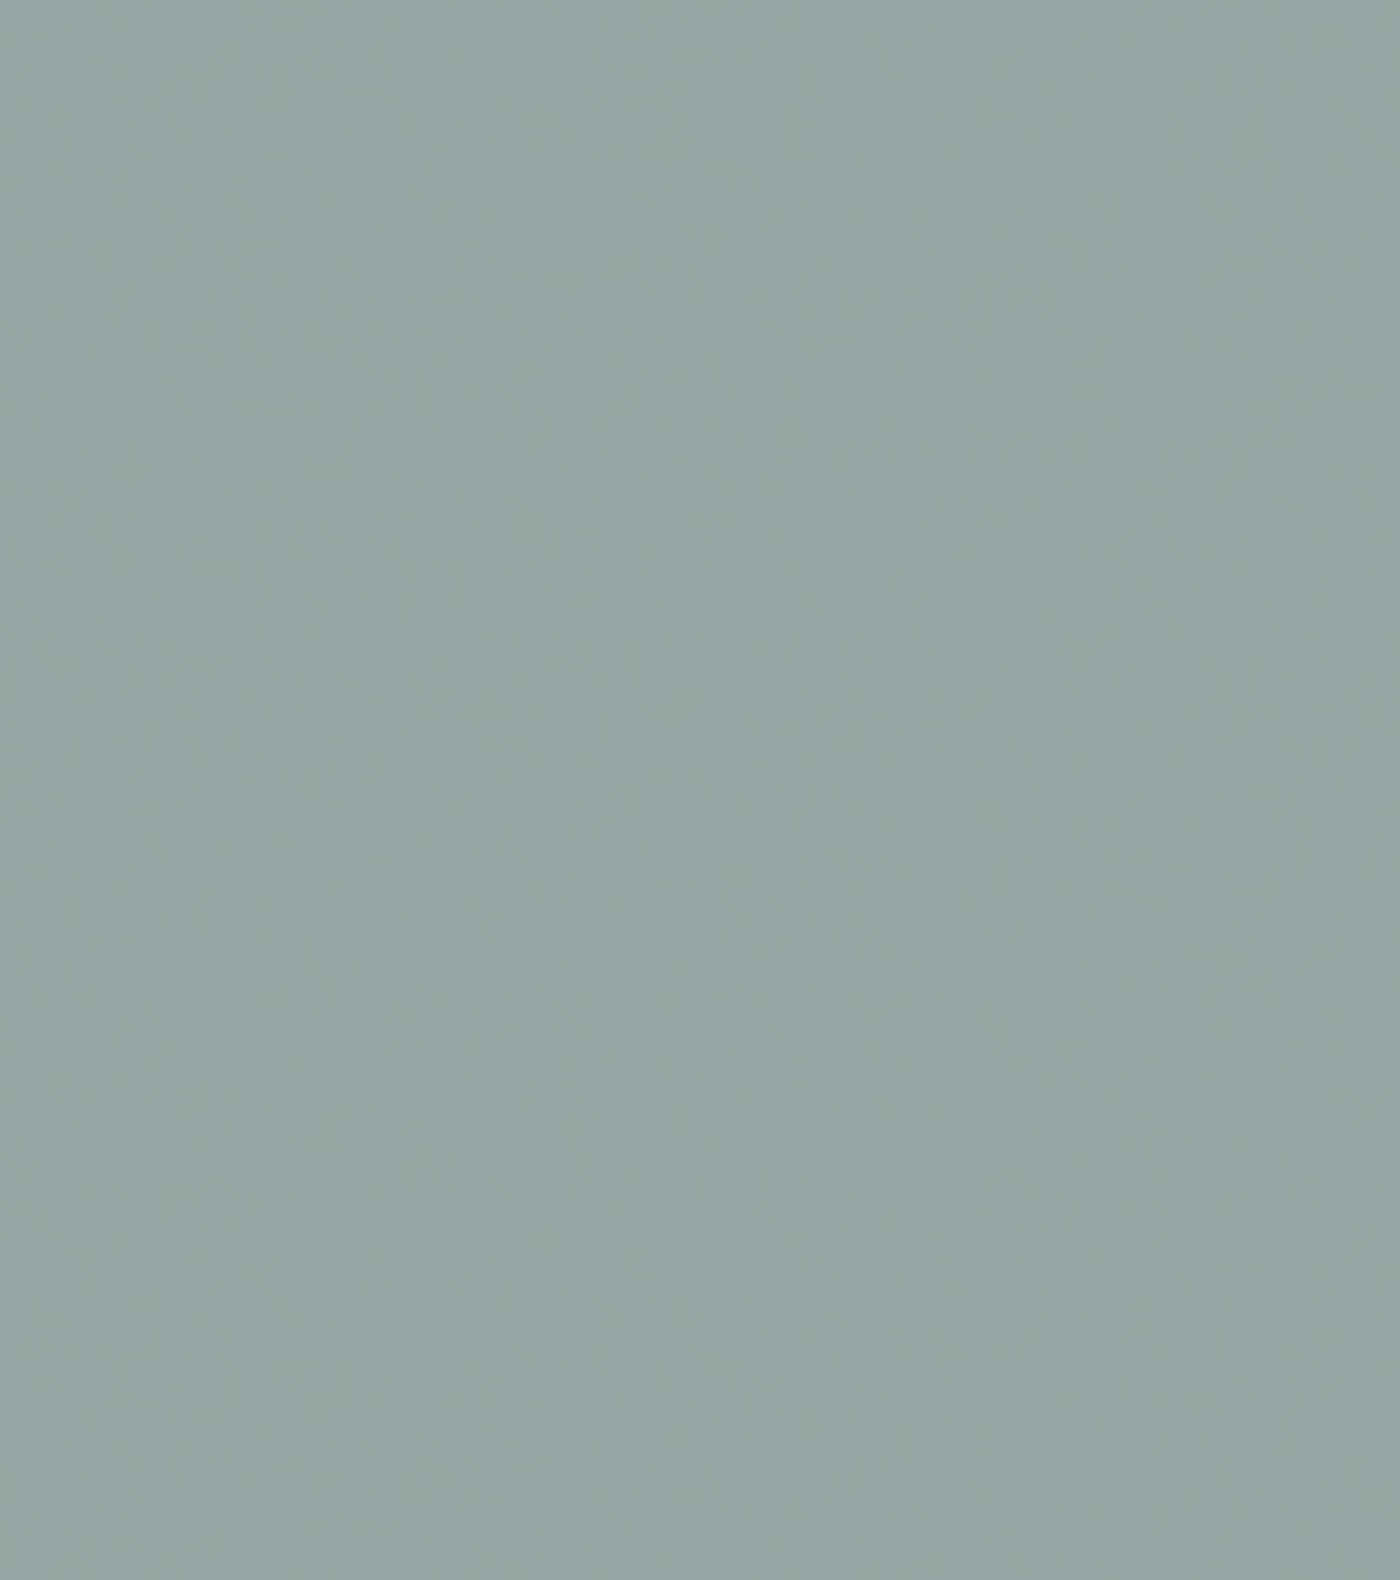 Spearmint Gloss Acrylic